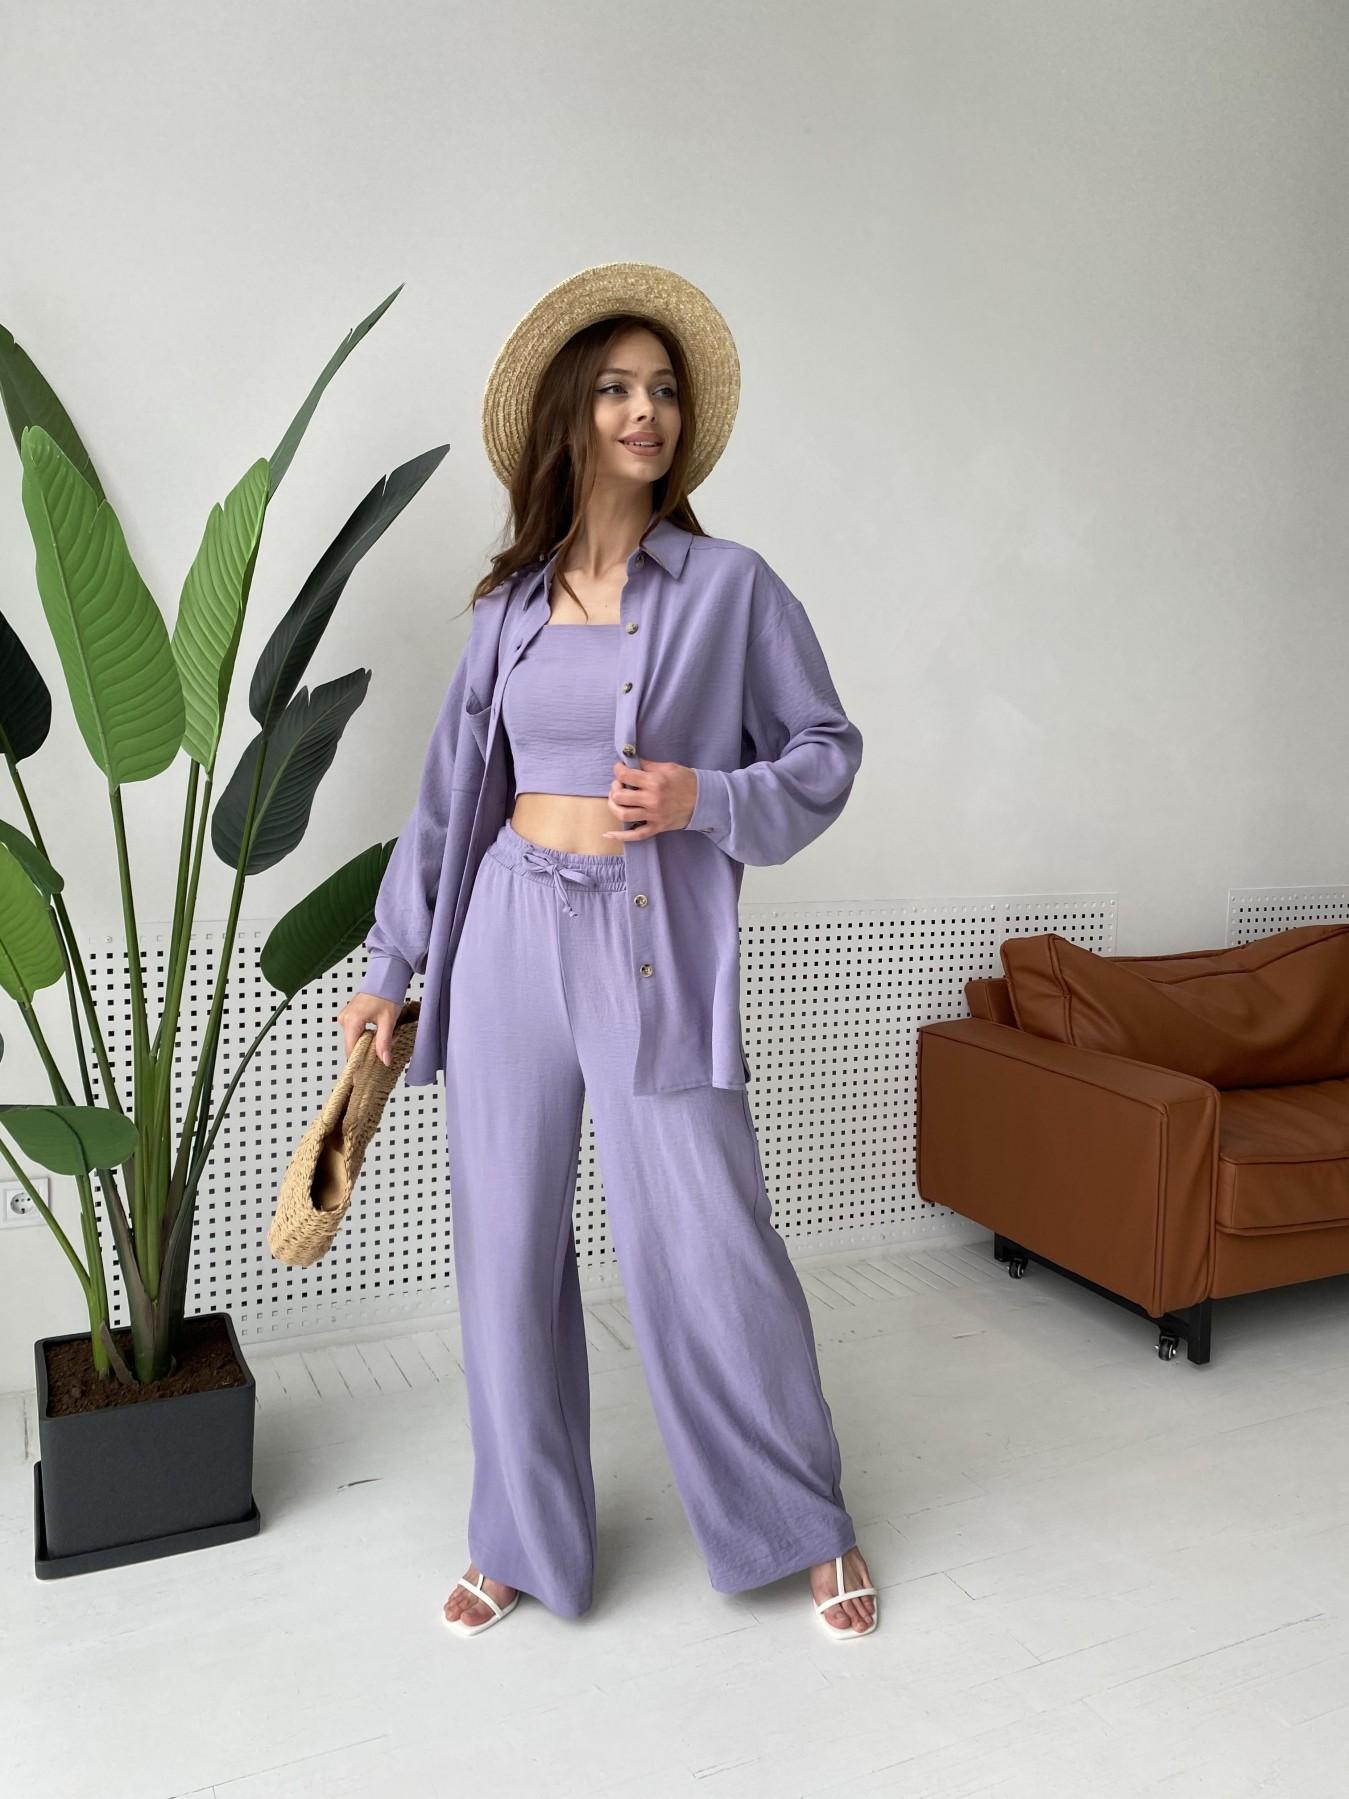 Квадро костюм американский из ткани креп (4 ед) 11303 АРТ. 47944 Цвет: Лаванда 2 - фото 4, интернет магазин tm-modus.ru